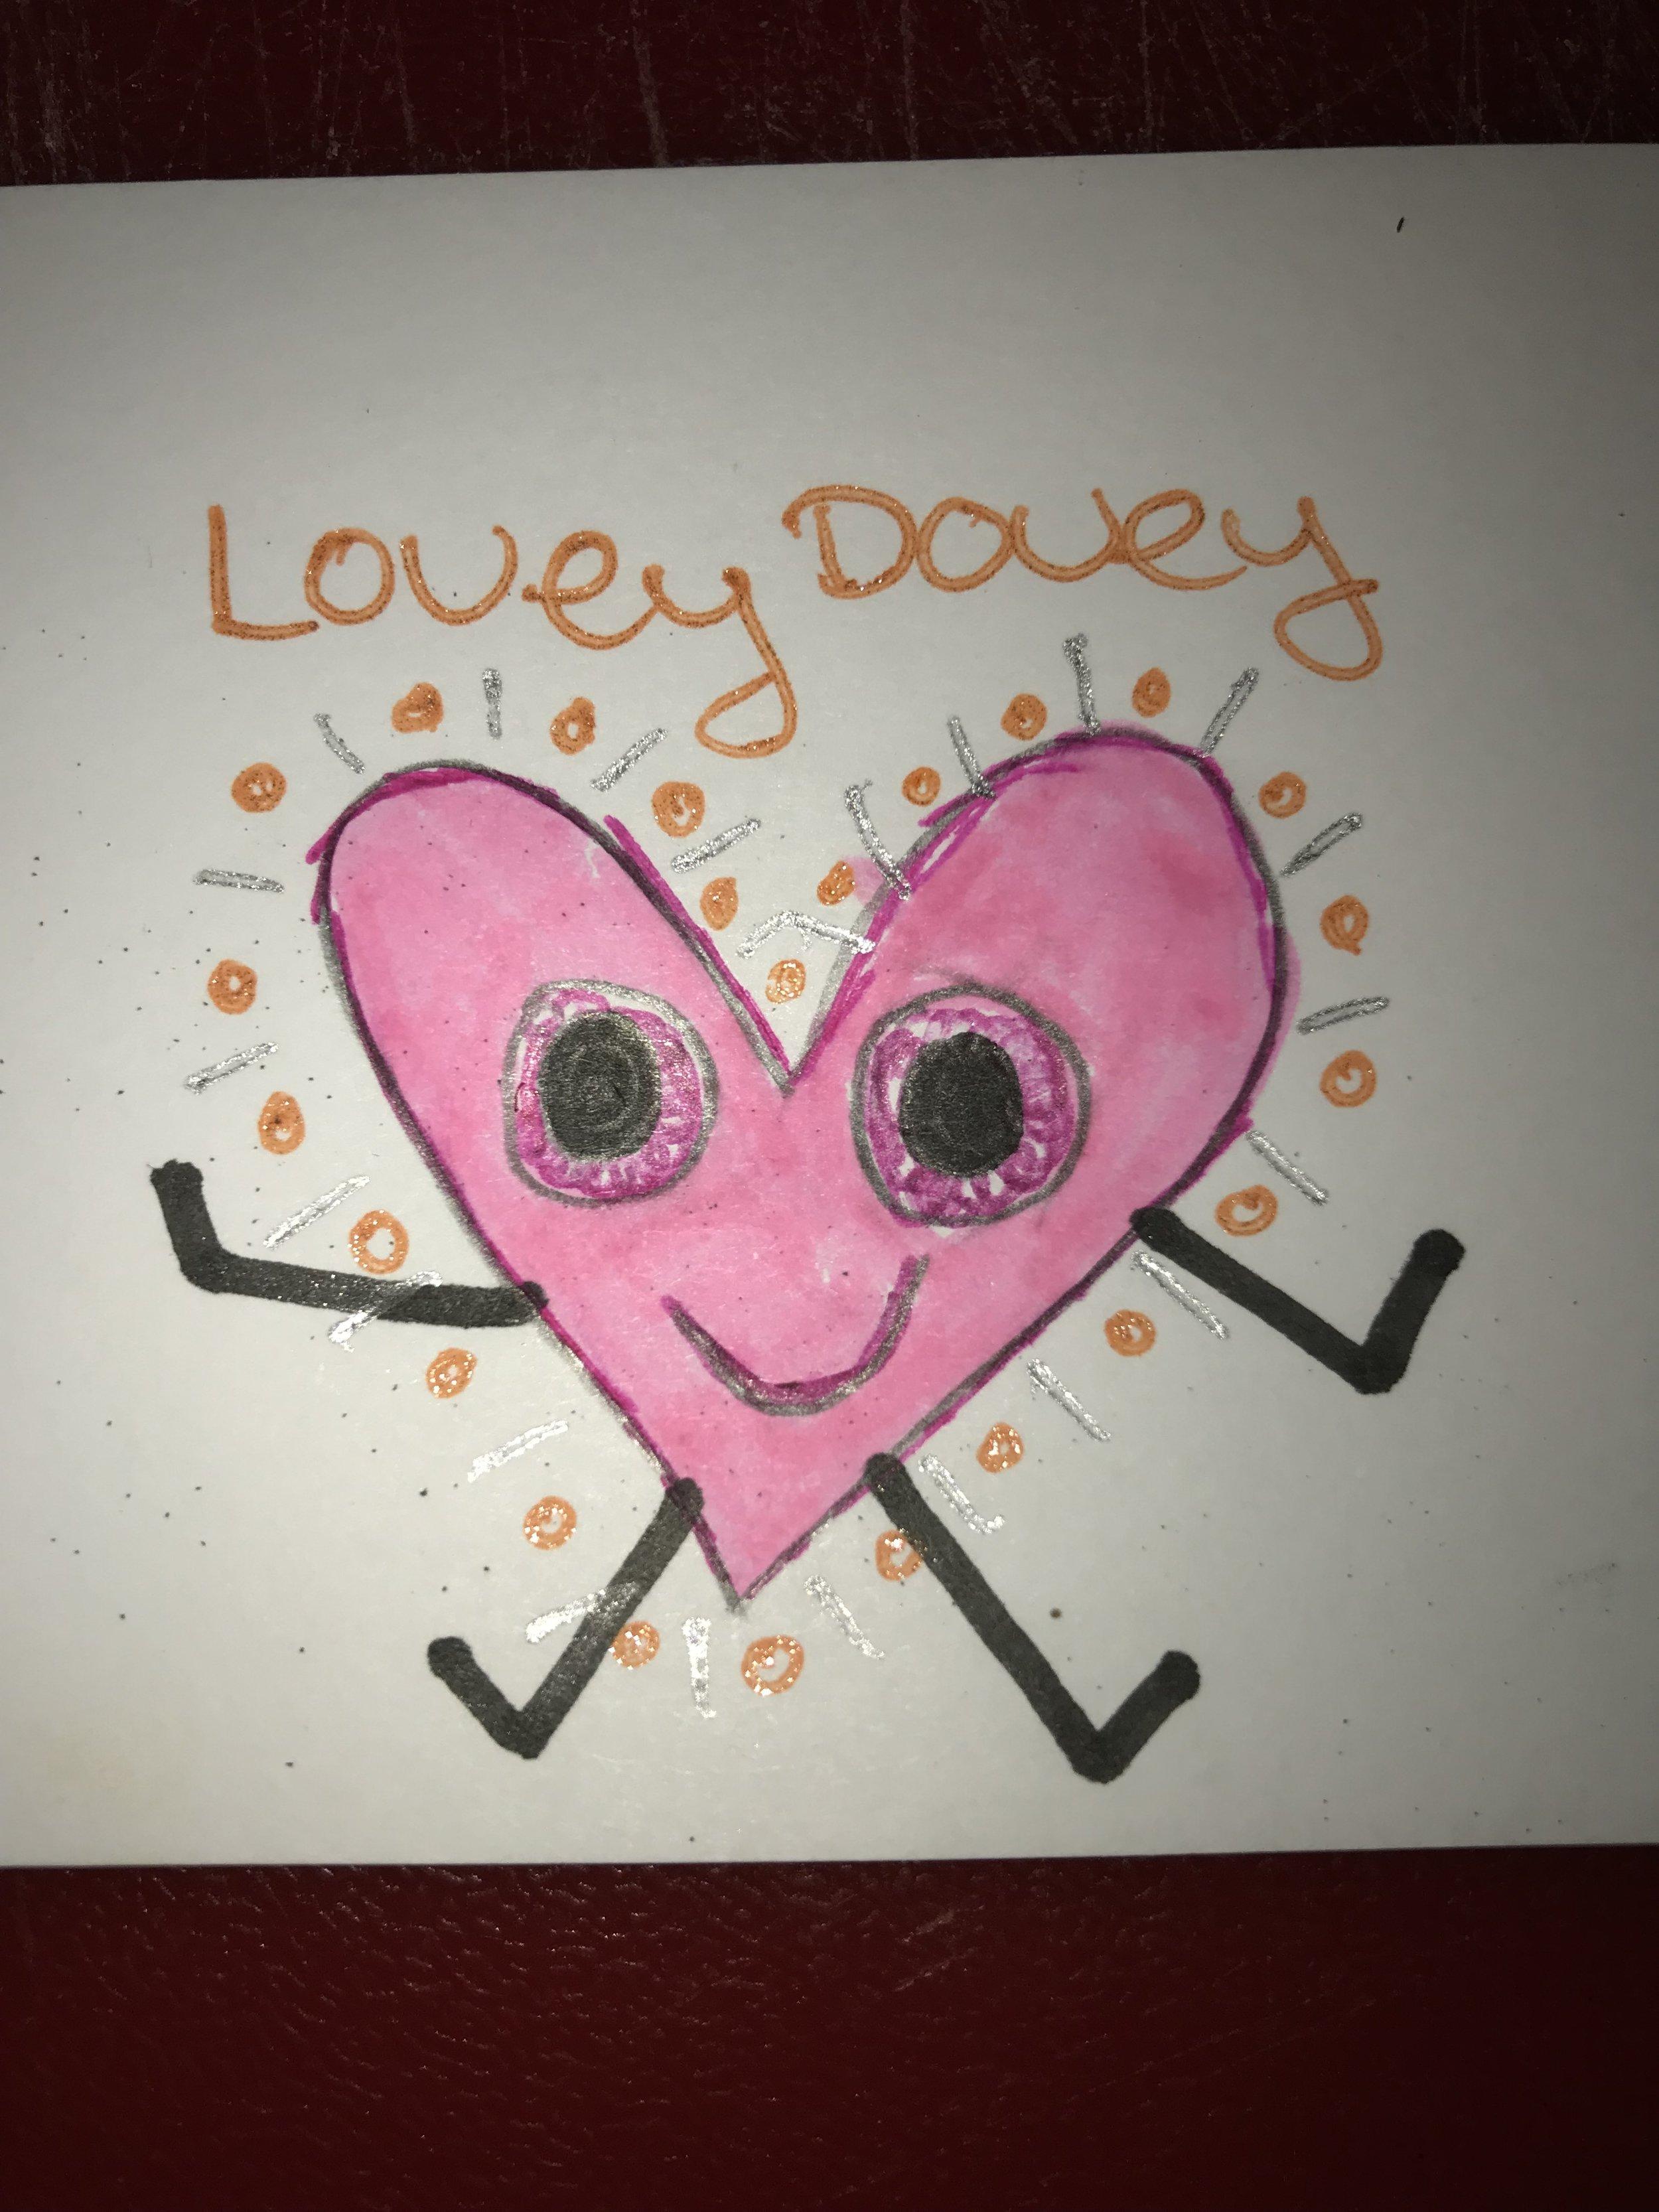 Lovey+Dovey.jpg